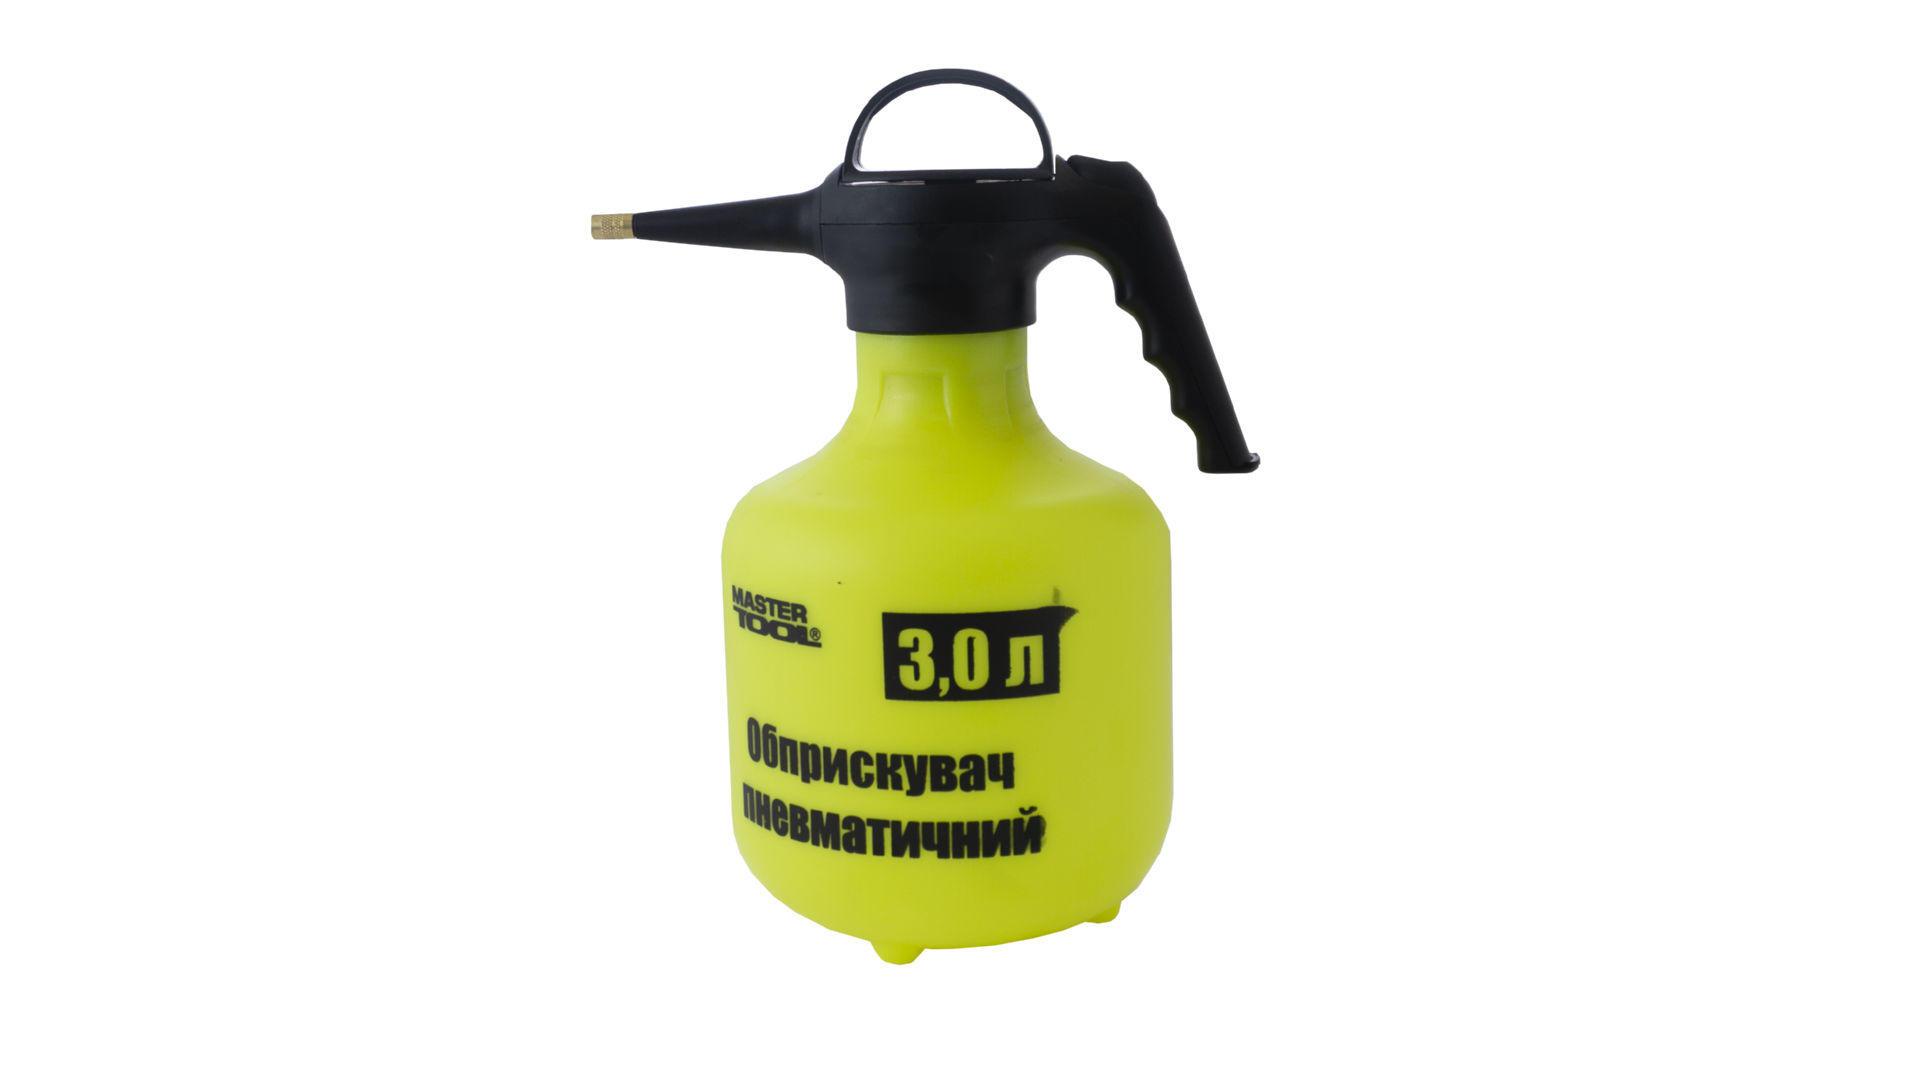 Опрыскиватель пневматический Mastertool - 3 л длинный носик 3